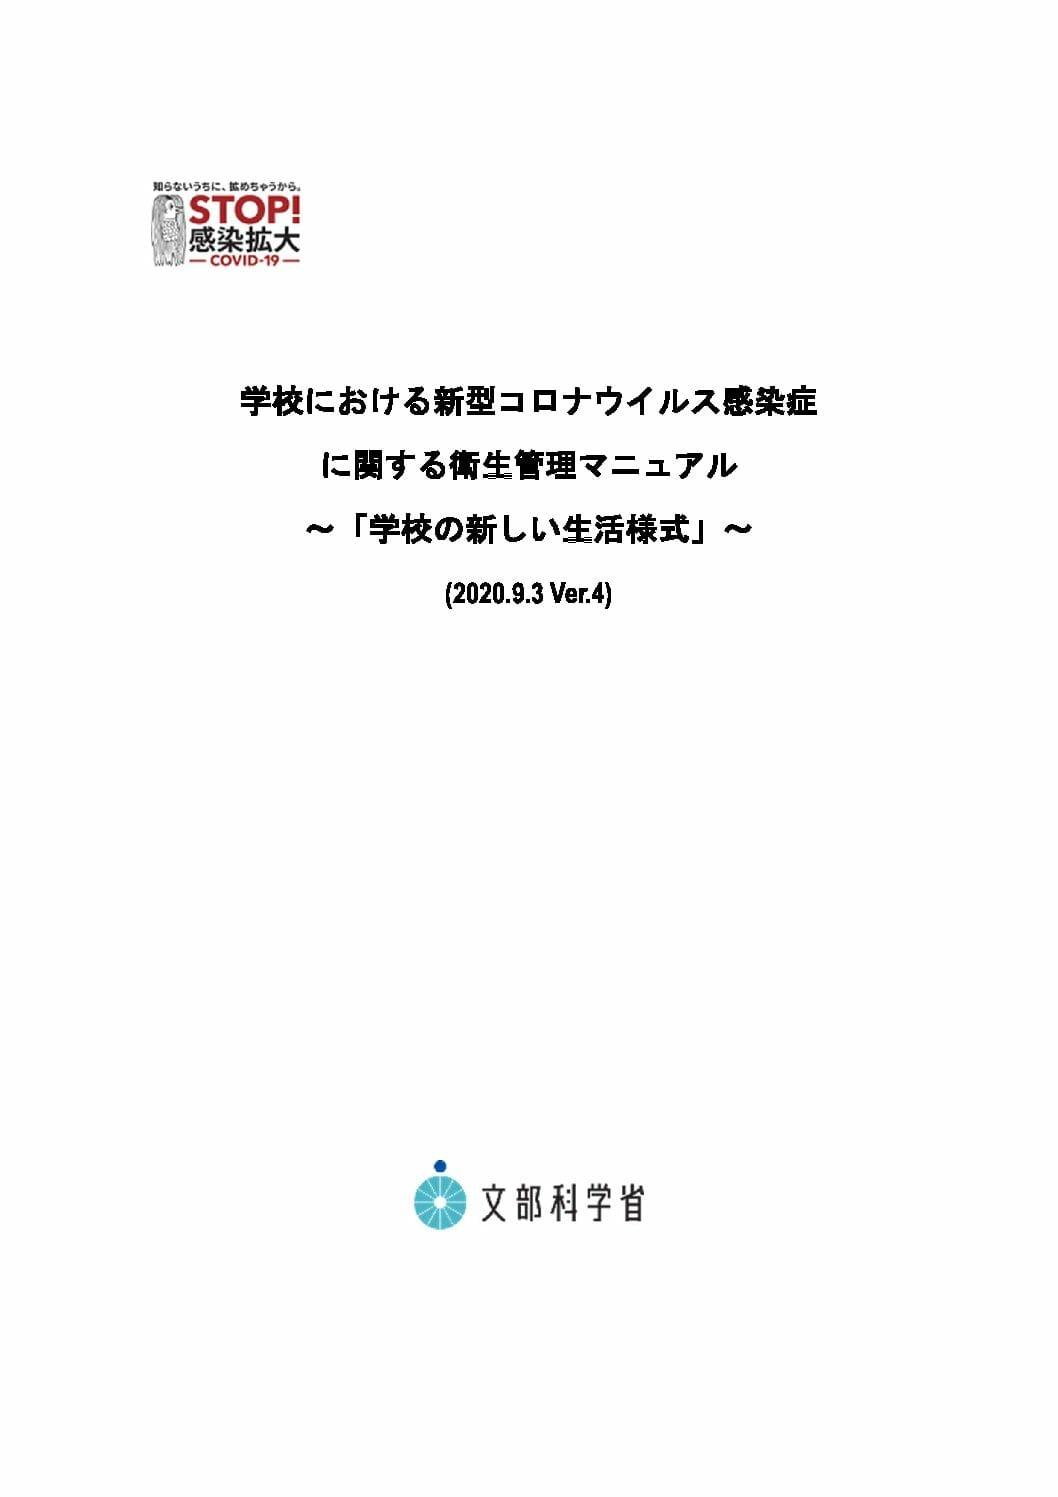 学校における新型コロナウイルス感染症に関する衛生管理マニュアル~「学校の新しい生活様式」~(2020.9.3 Ver.4)